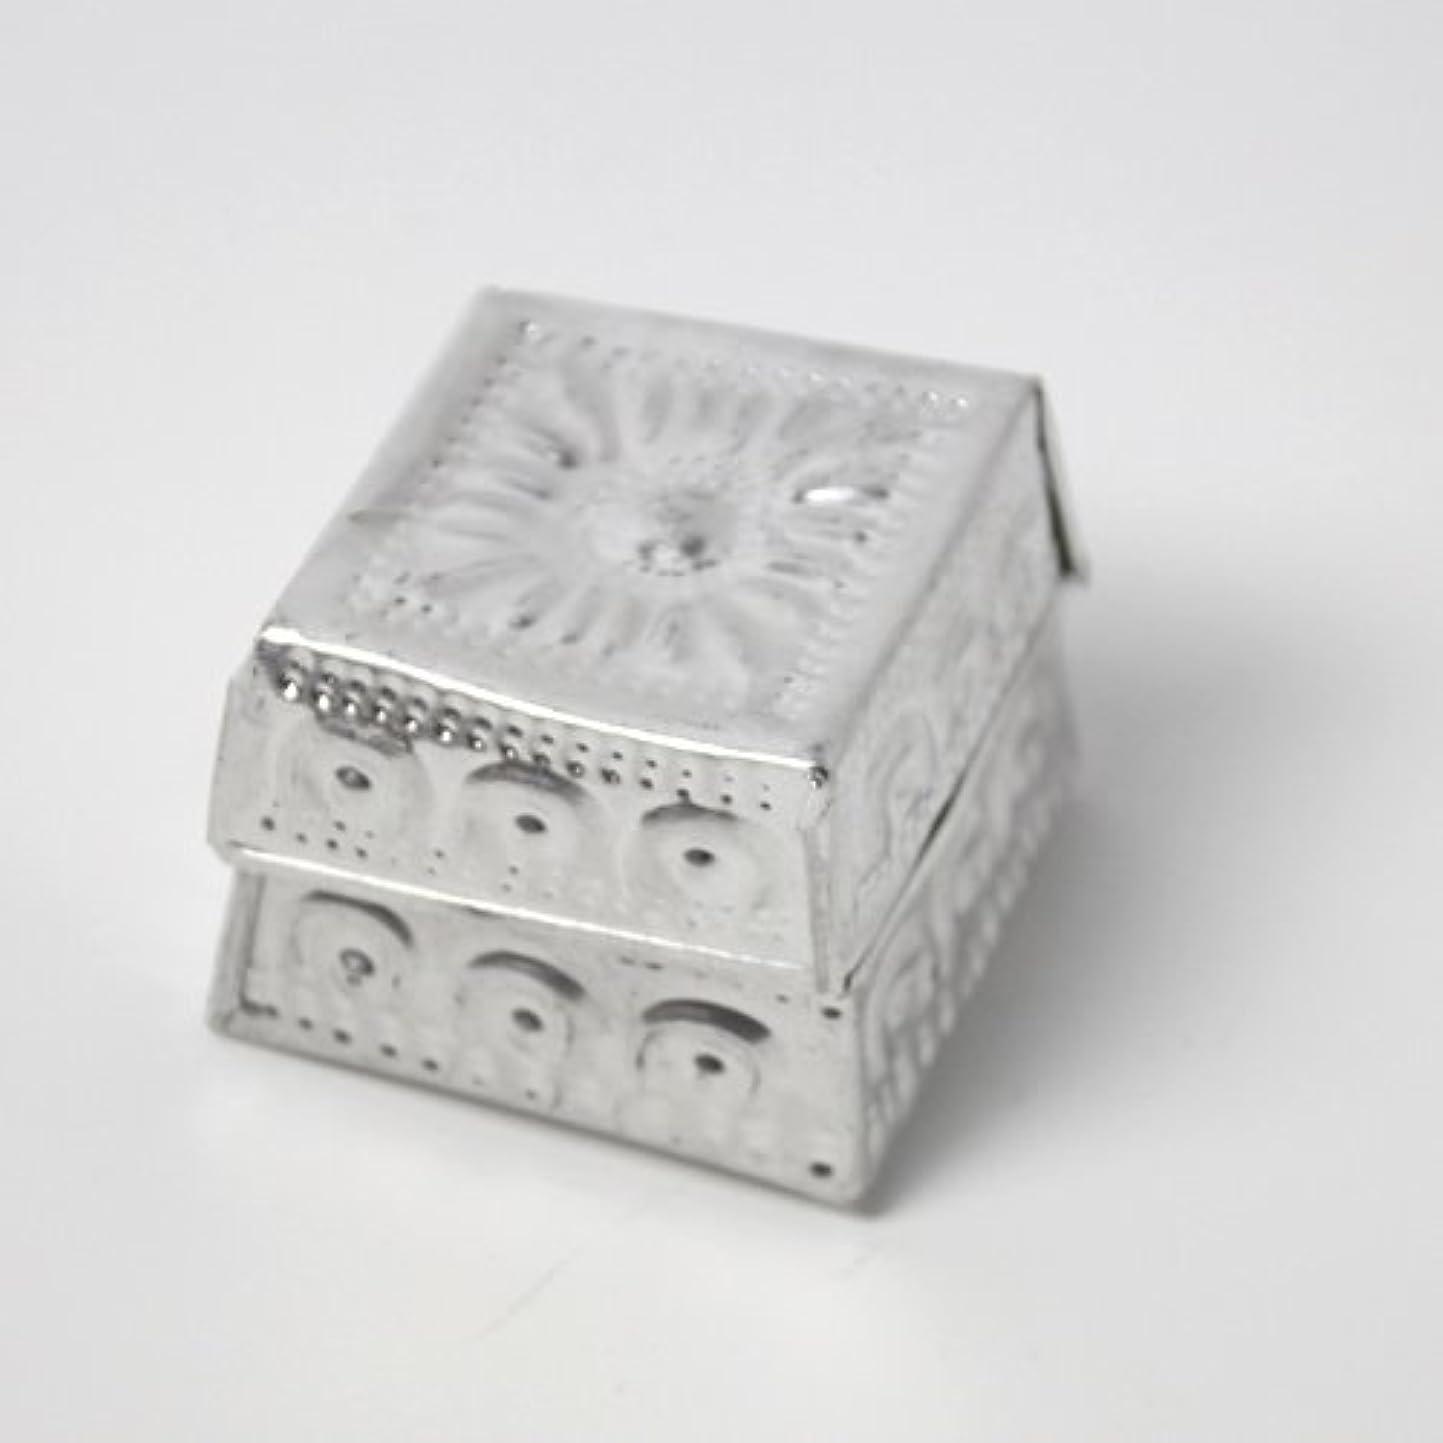 ブレース考古学一握りアルミアートのボックスにはいったアロマキャンドル?四角